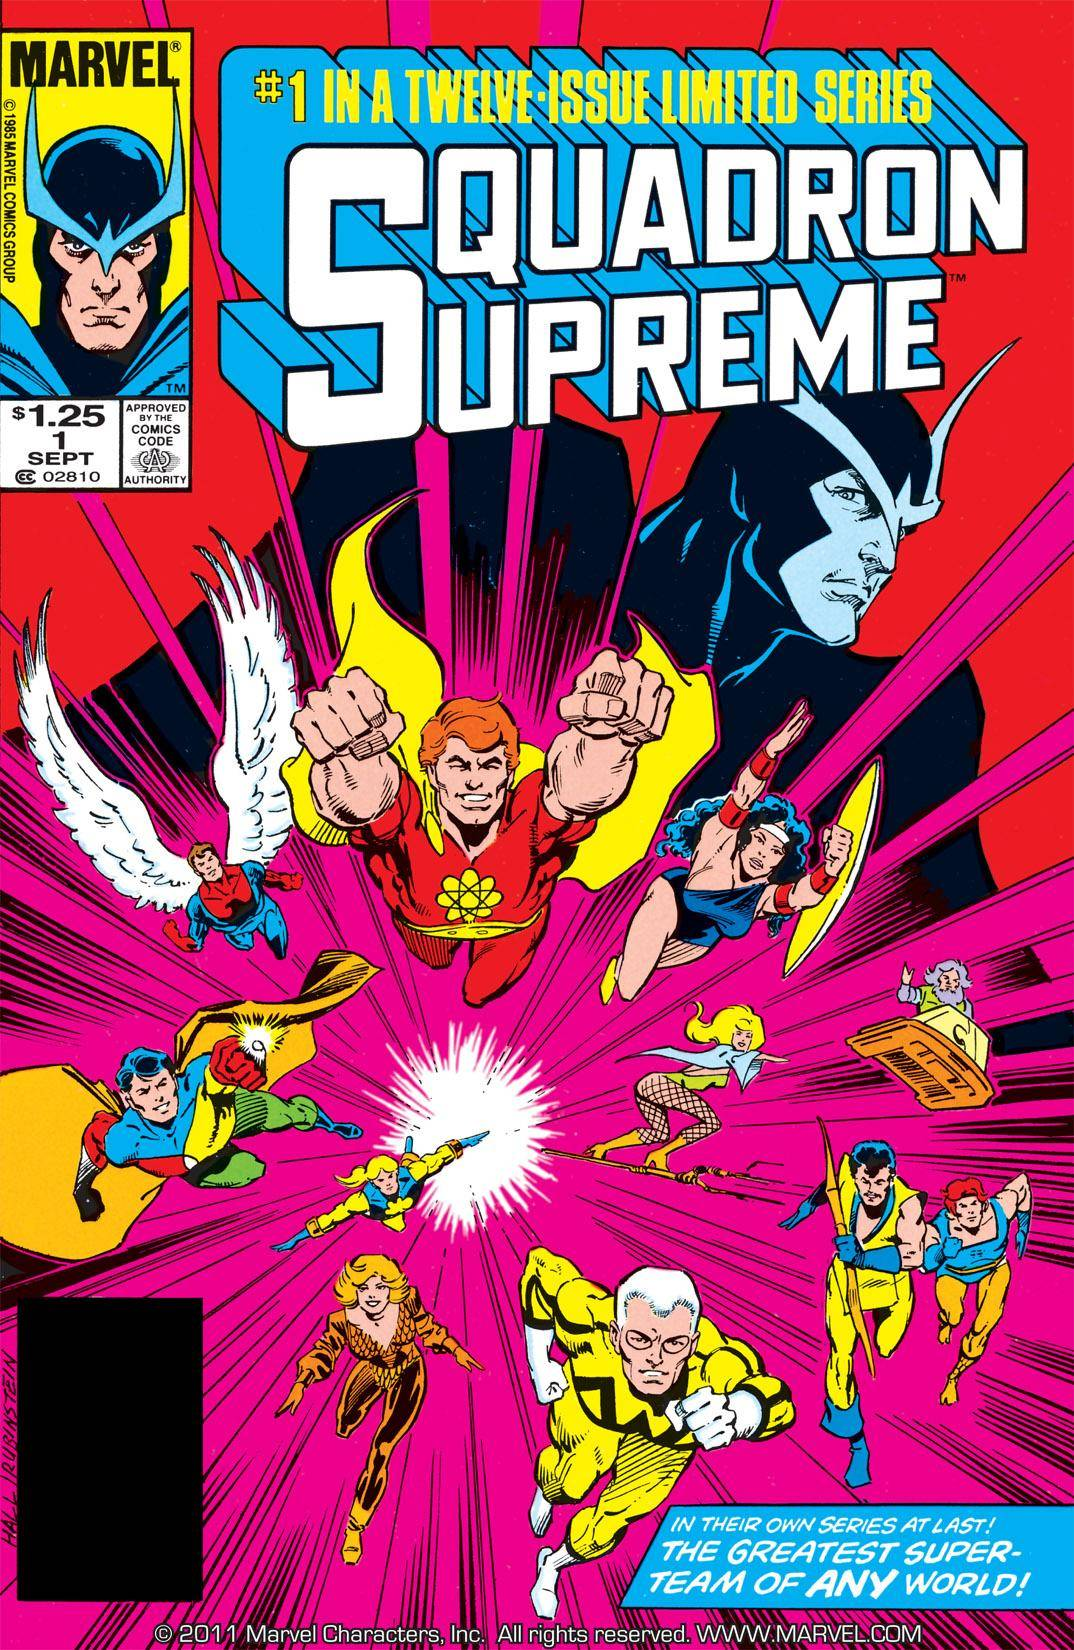 New Releases 2015 3 8 - Squadron Supreme 001 1985 Digital-Empire cbr